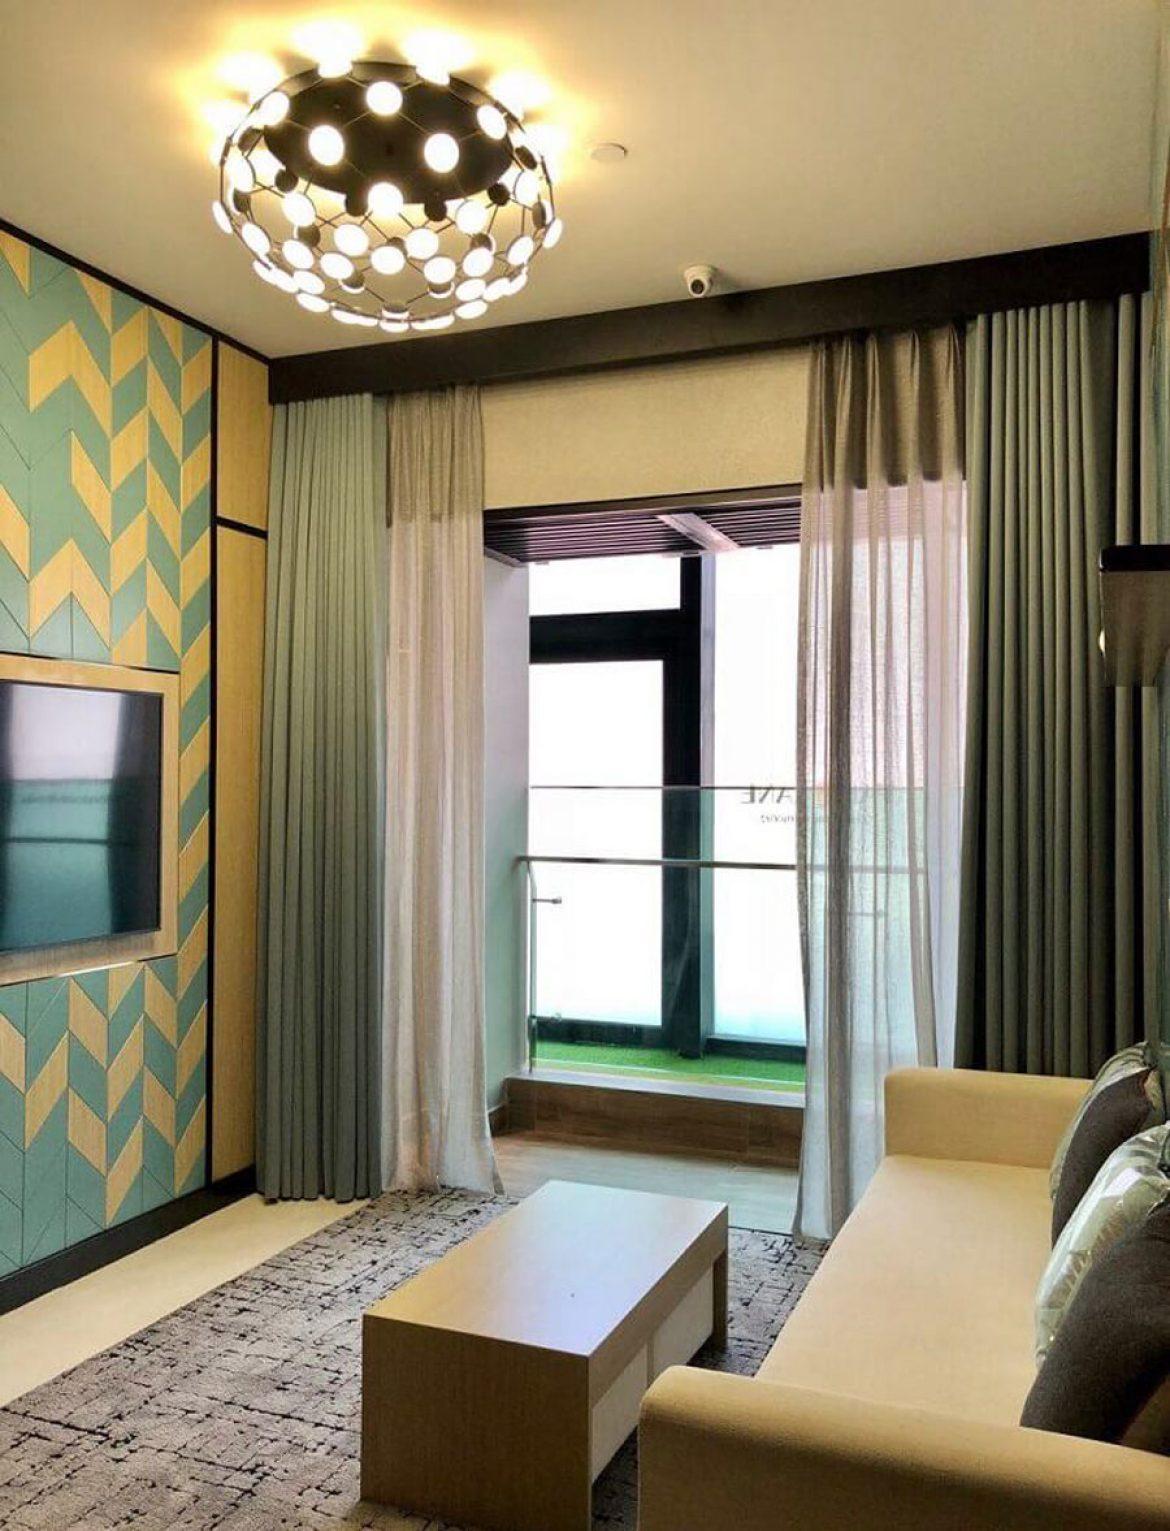 Living room design model De La Sol project